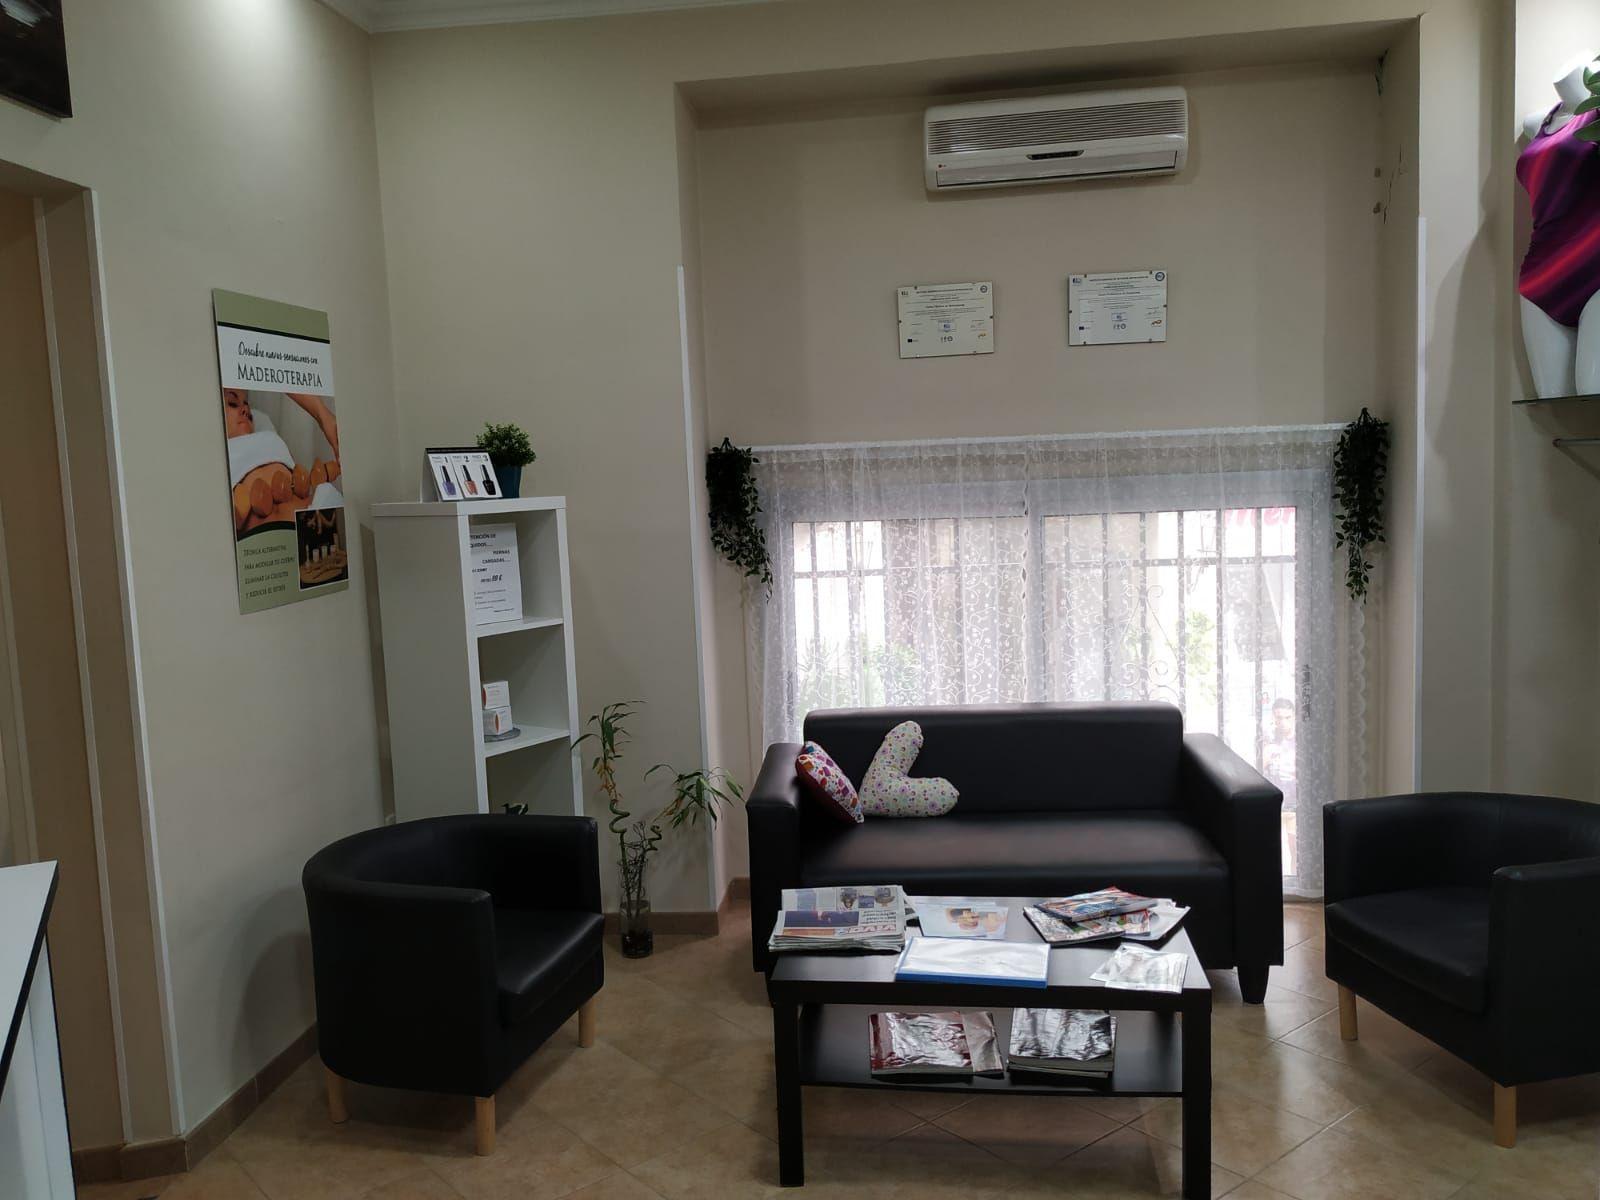 Foto 22 de Centro de bienestar y salud en Antequera | Centro Bienestar y Salud Cayma